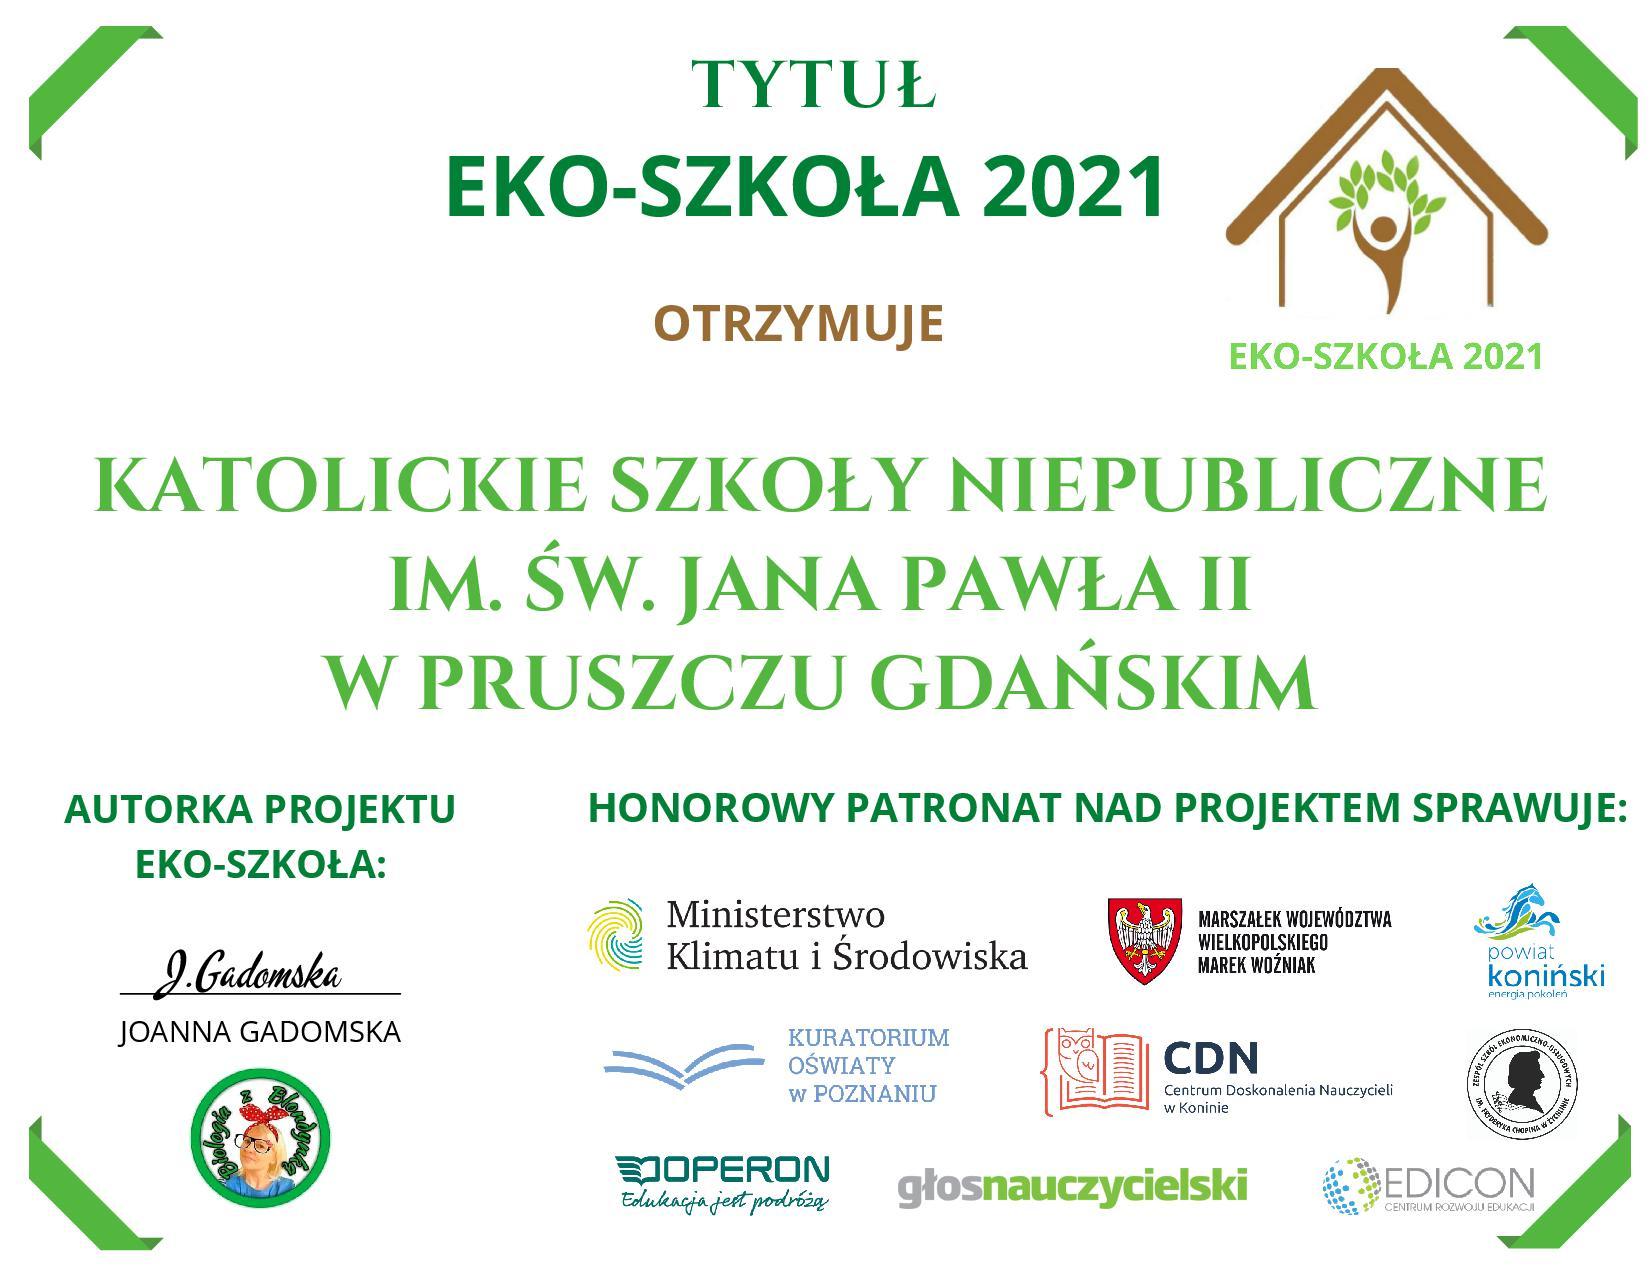 KSN - Laureat ogólnopolskiego projektu ekologicznego.